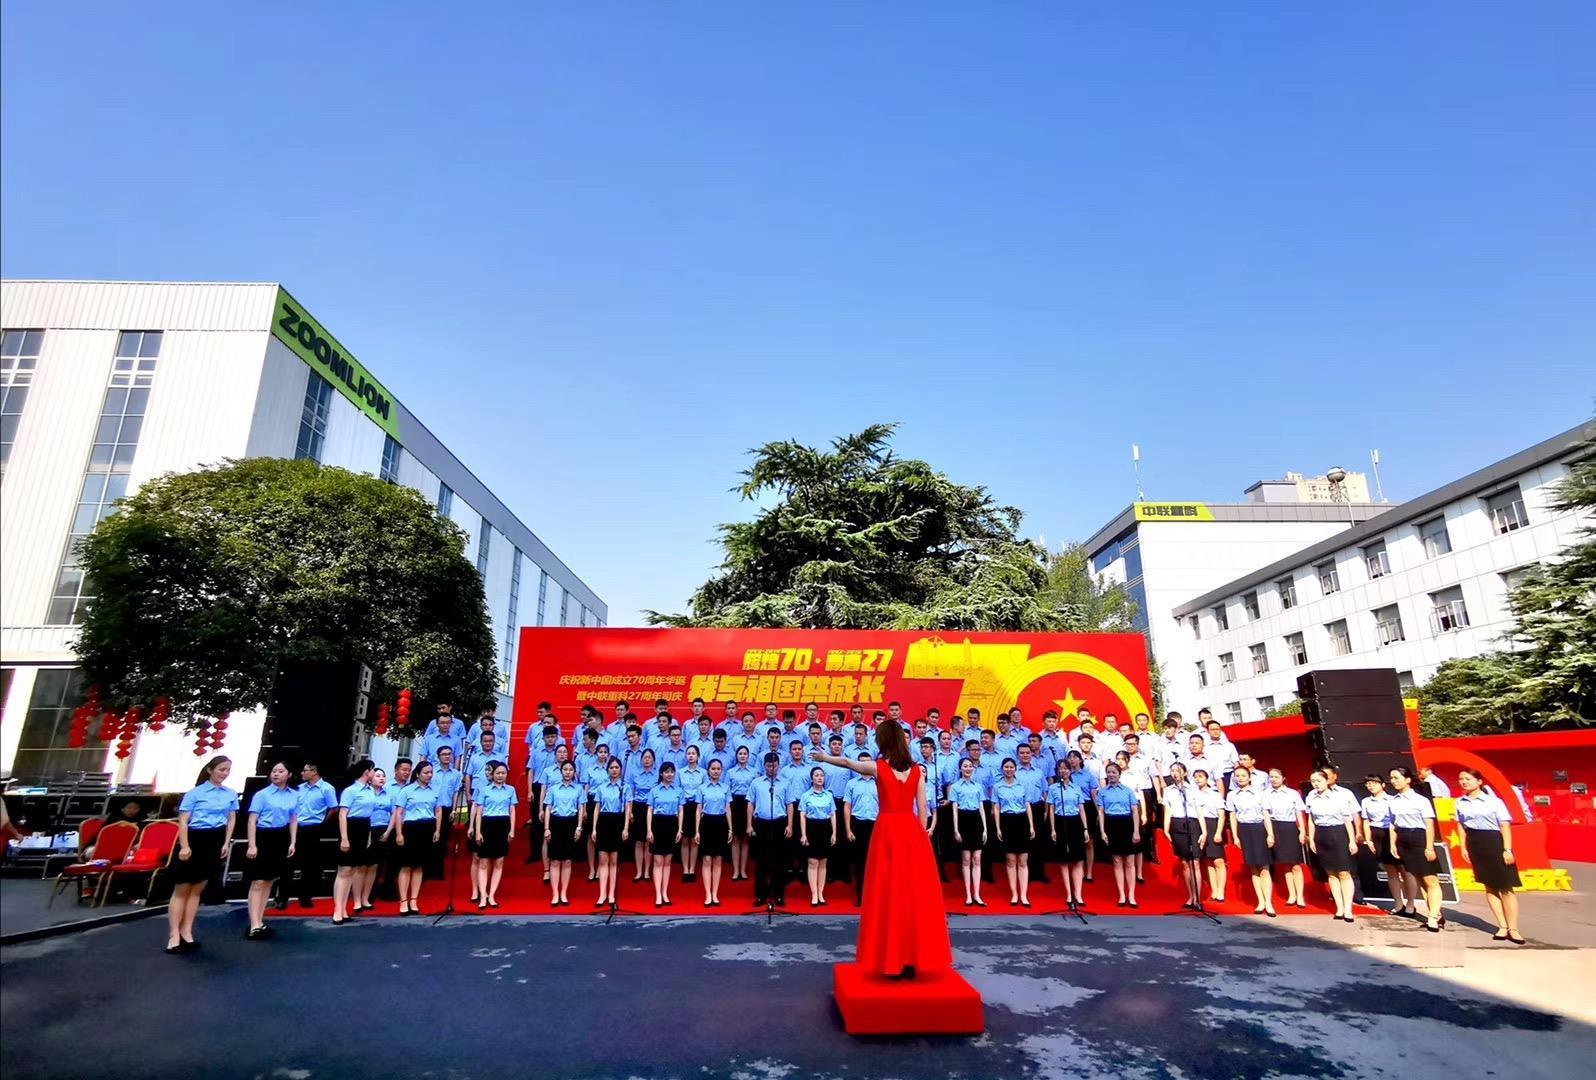 中联重科27周年司庆活动隆重举行奋力开创中国装备制造业新蓝图